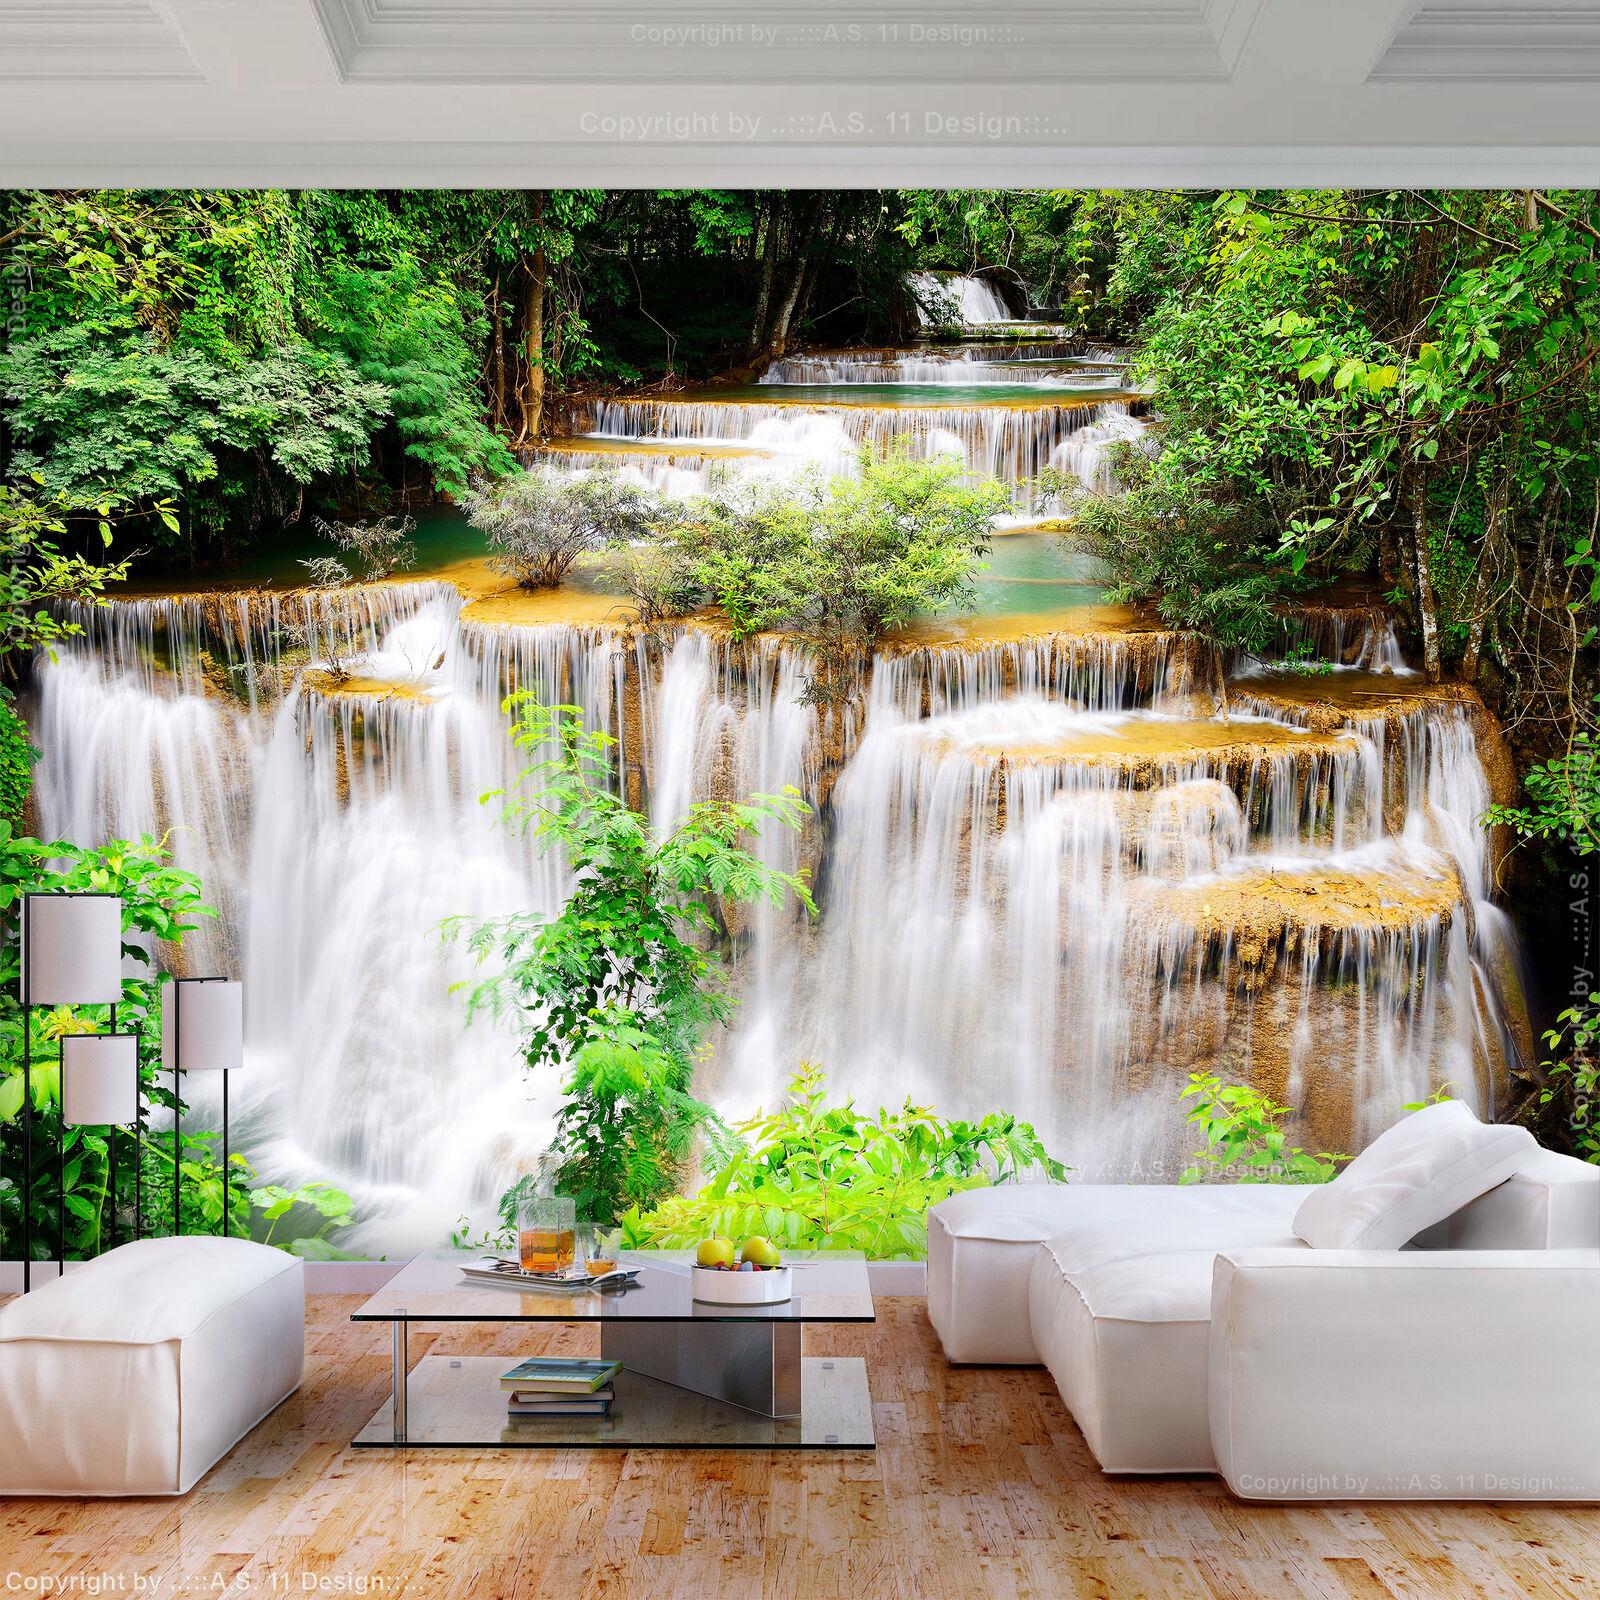 FOTOTAPETE selbstklebend Tapete Wasserfall Wald Landschaft Wandtapete 193